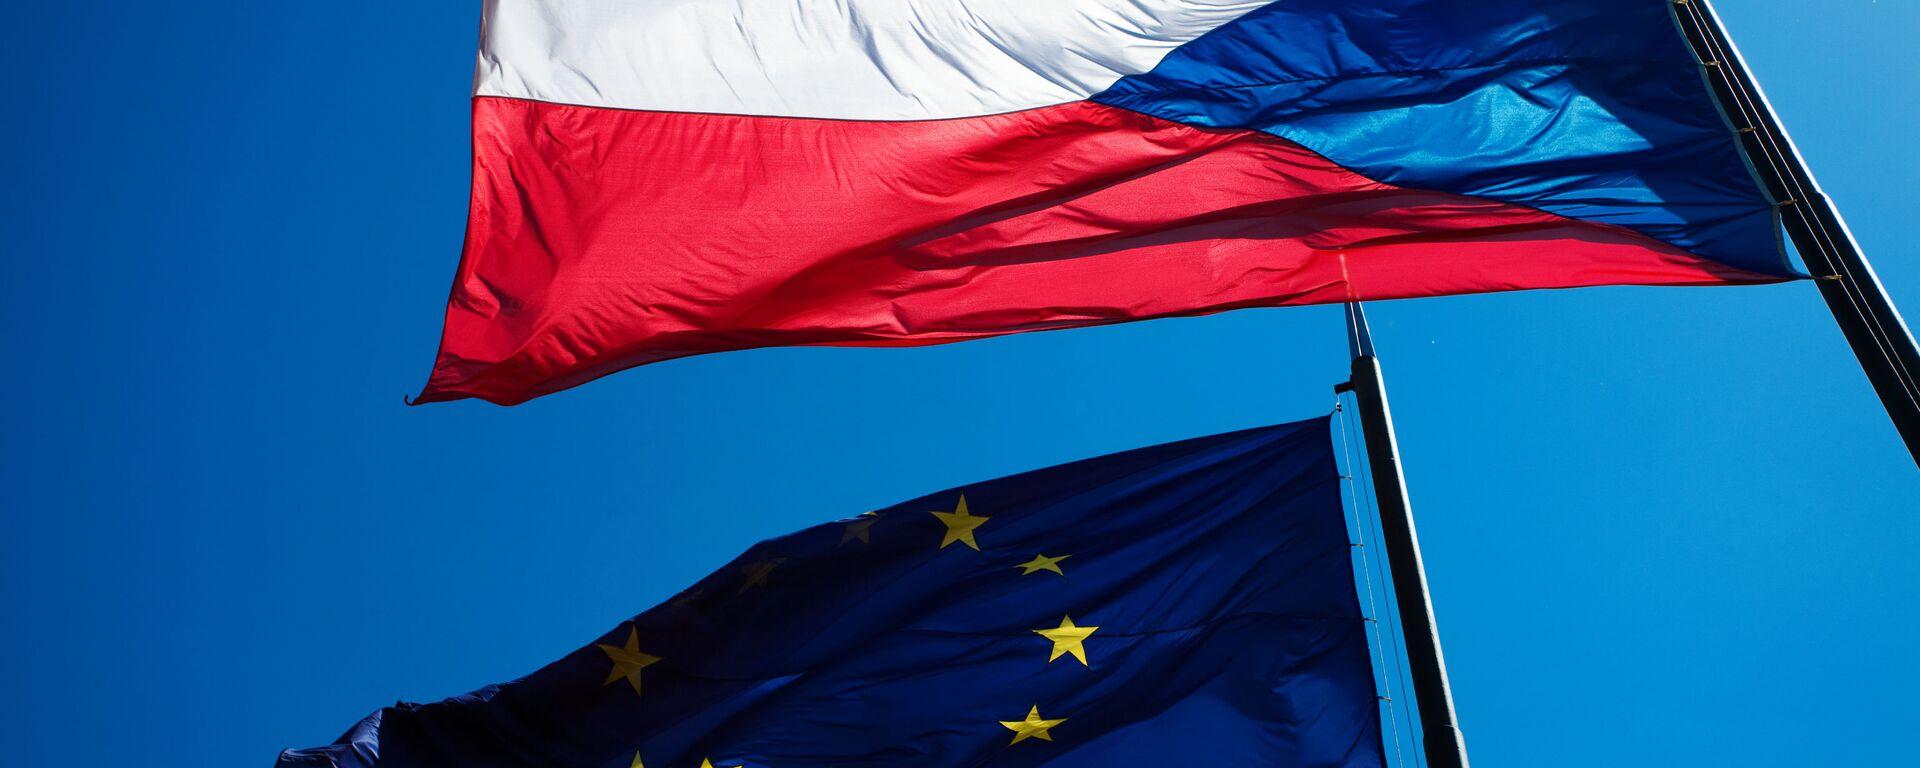 Vlajky EU a České republiky - Sputnik Česká republika, 1920, 01.05.2021